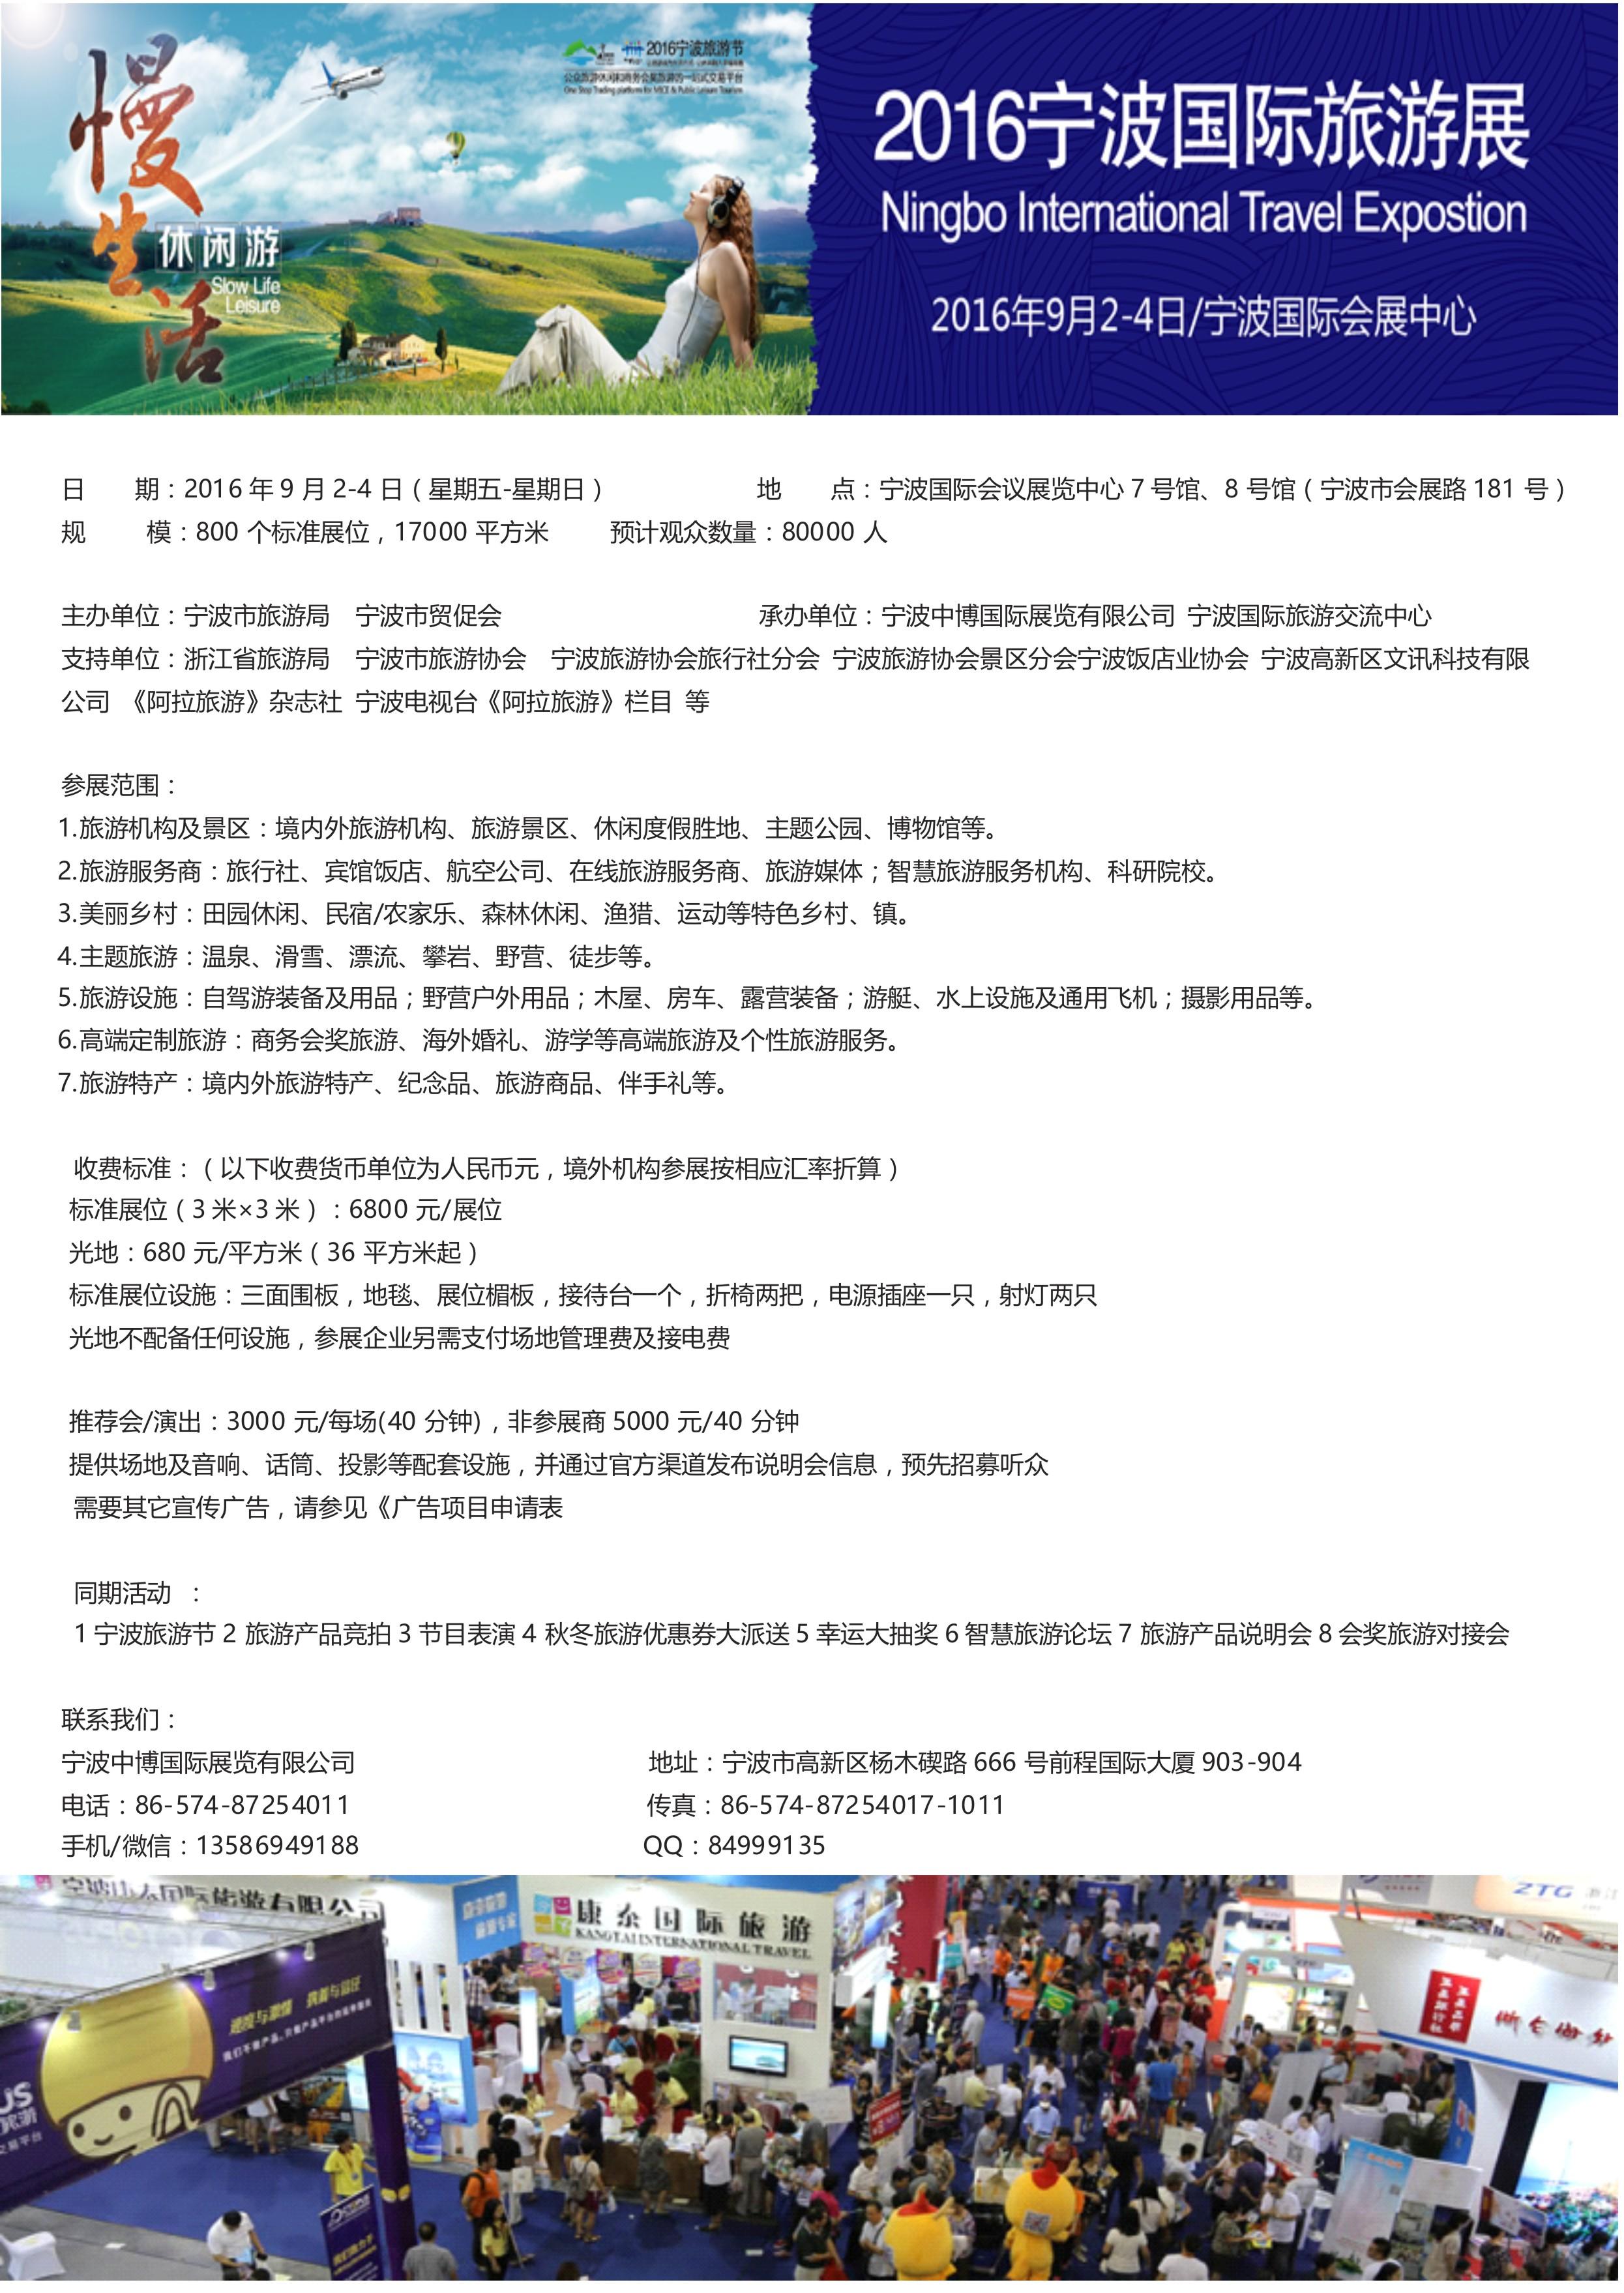 2016宁波国际旅游展